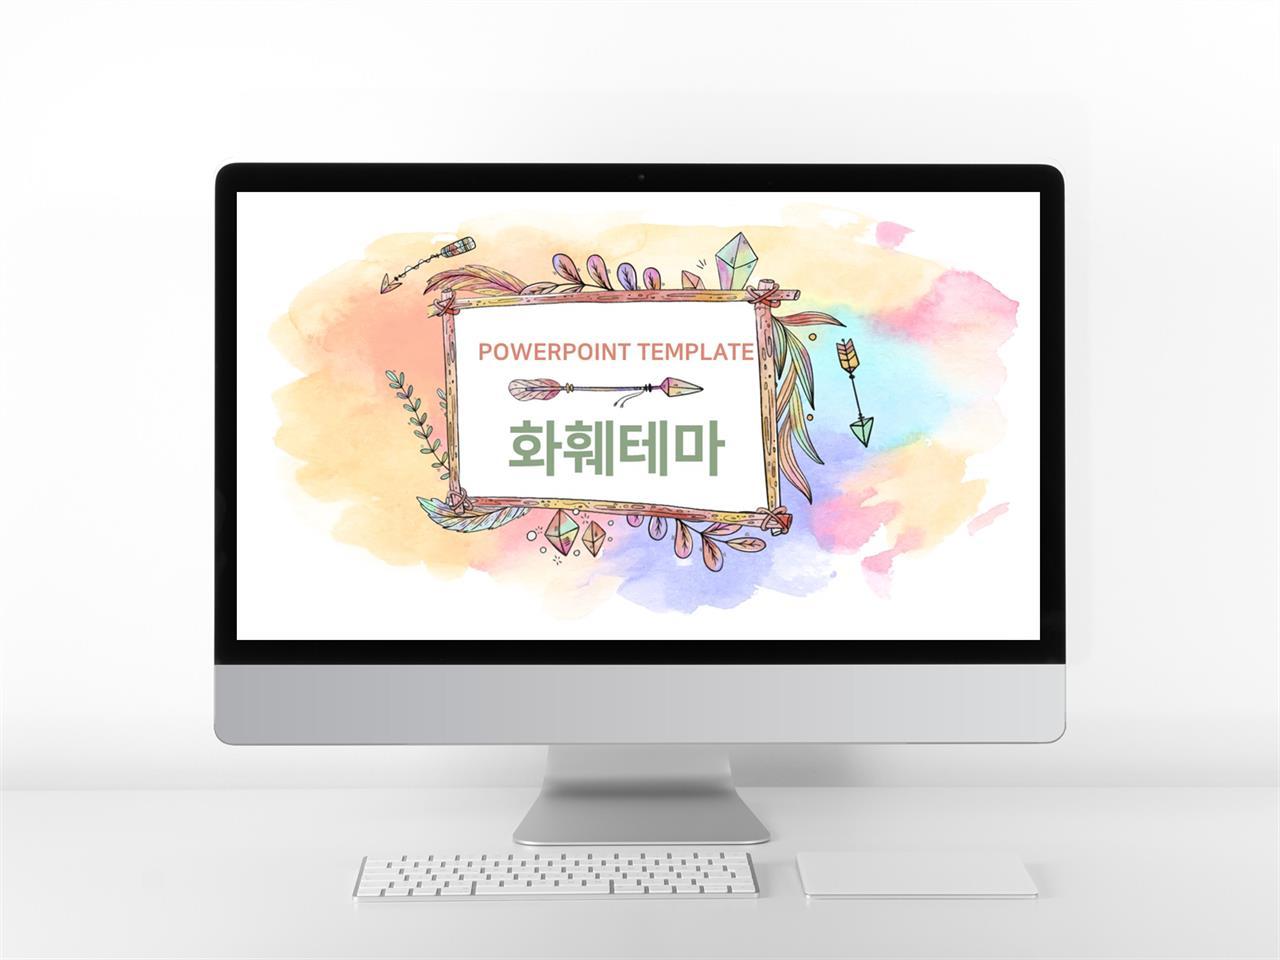 화초주제 컬러 자재화 고퀄리티 POWERPOINT샘플 제작 미리보기